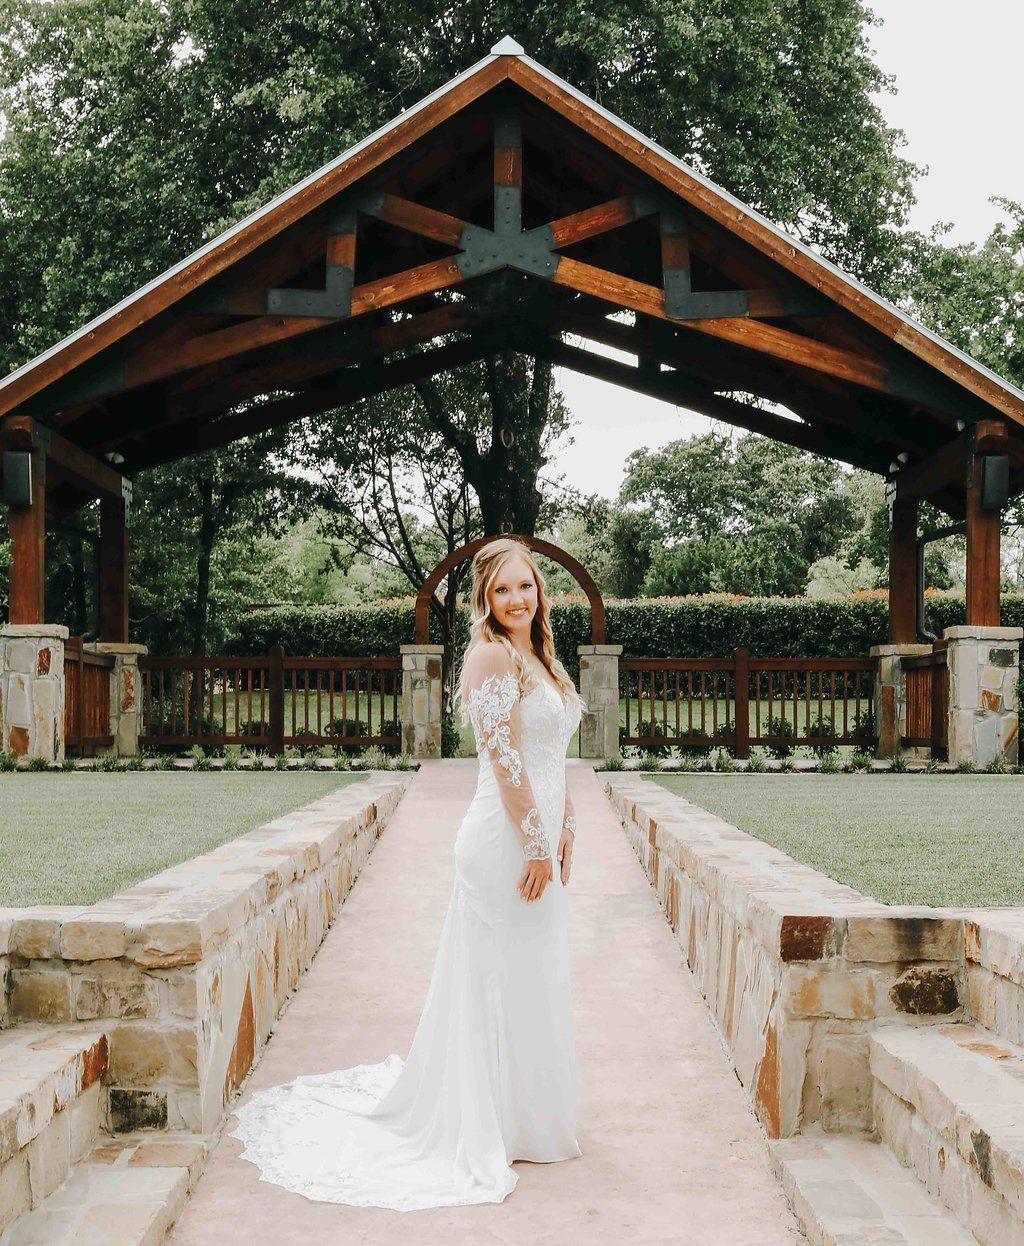 Weatherford Wedding Venue   Dallas wedding venues ...